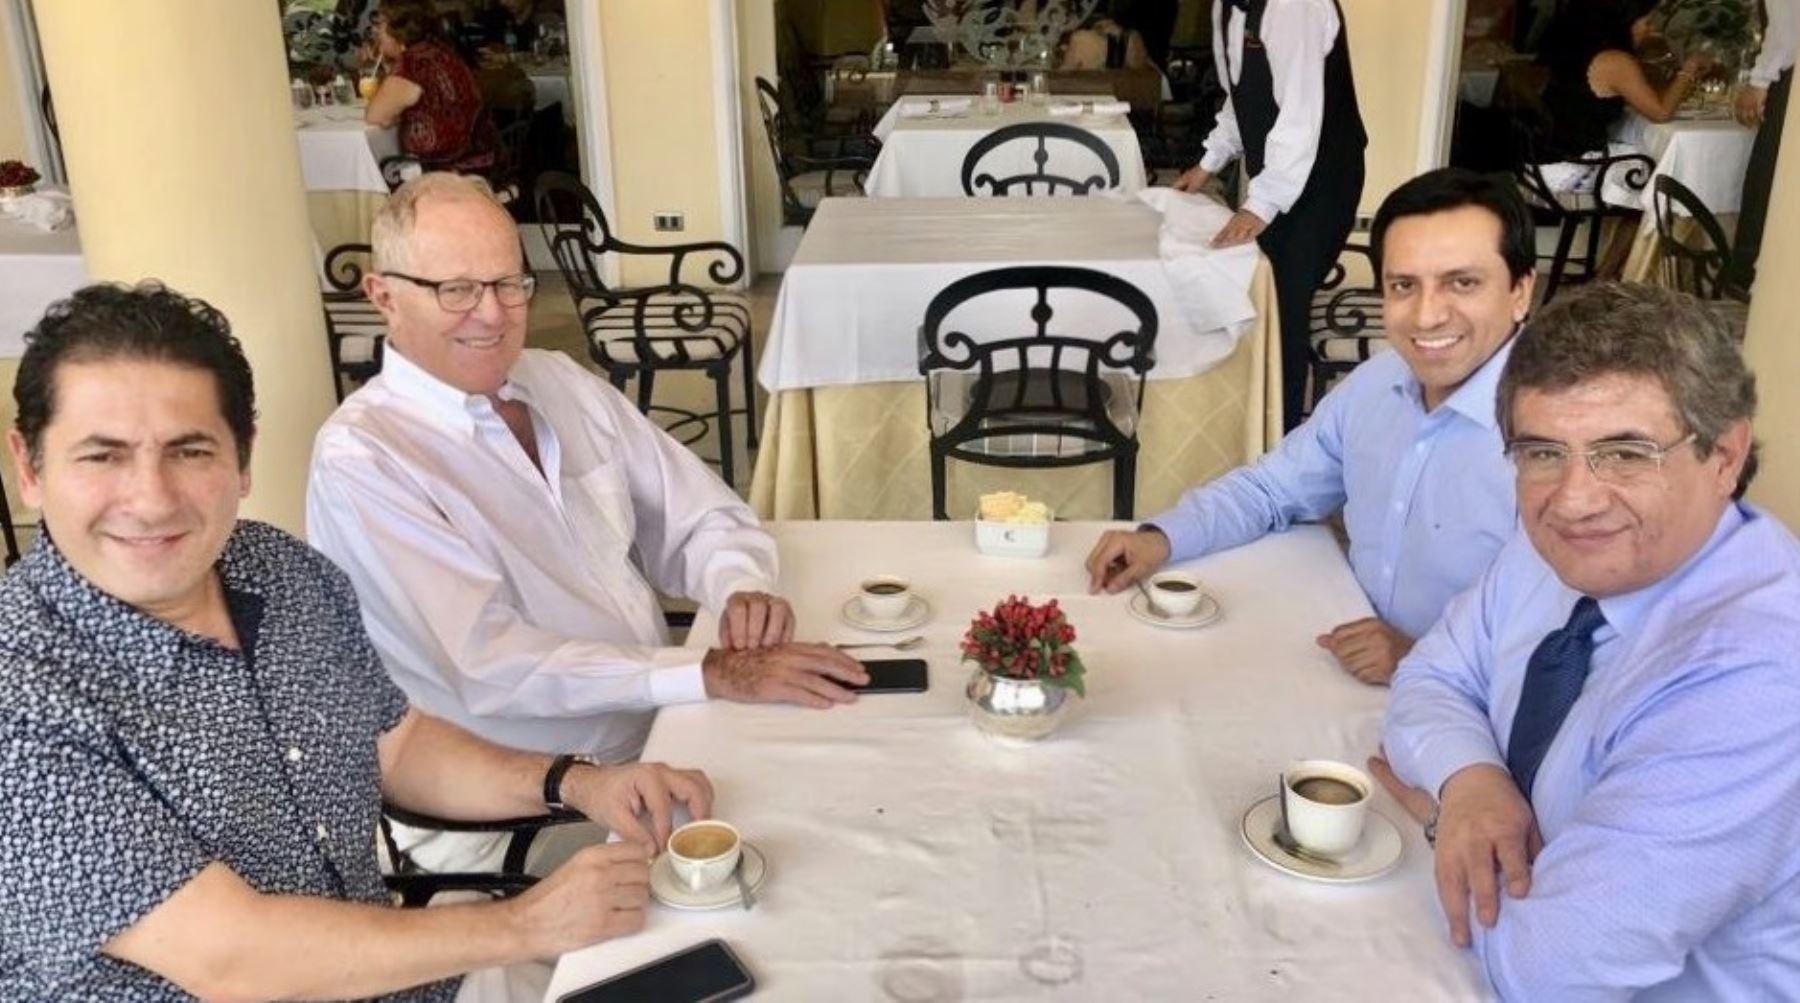 Expresidente Kuczynski se reunió con congresistas y dirigentes del Partido Peruanos por el Kambio.